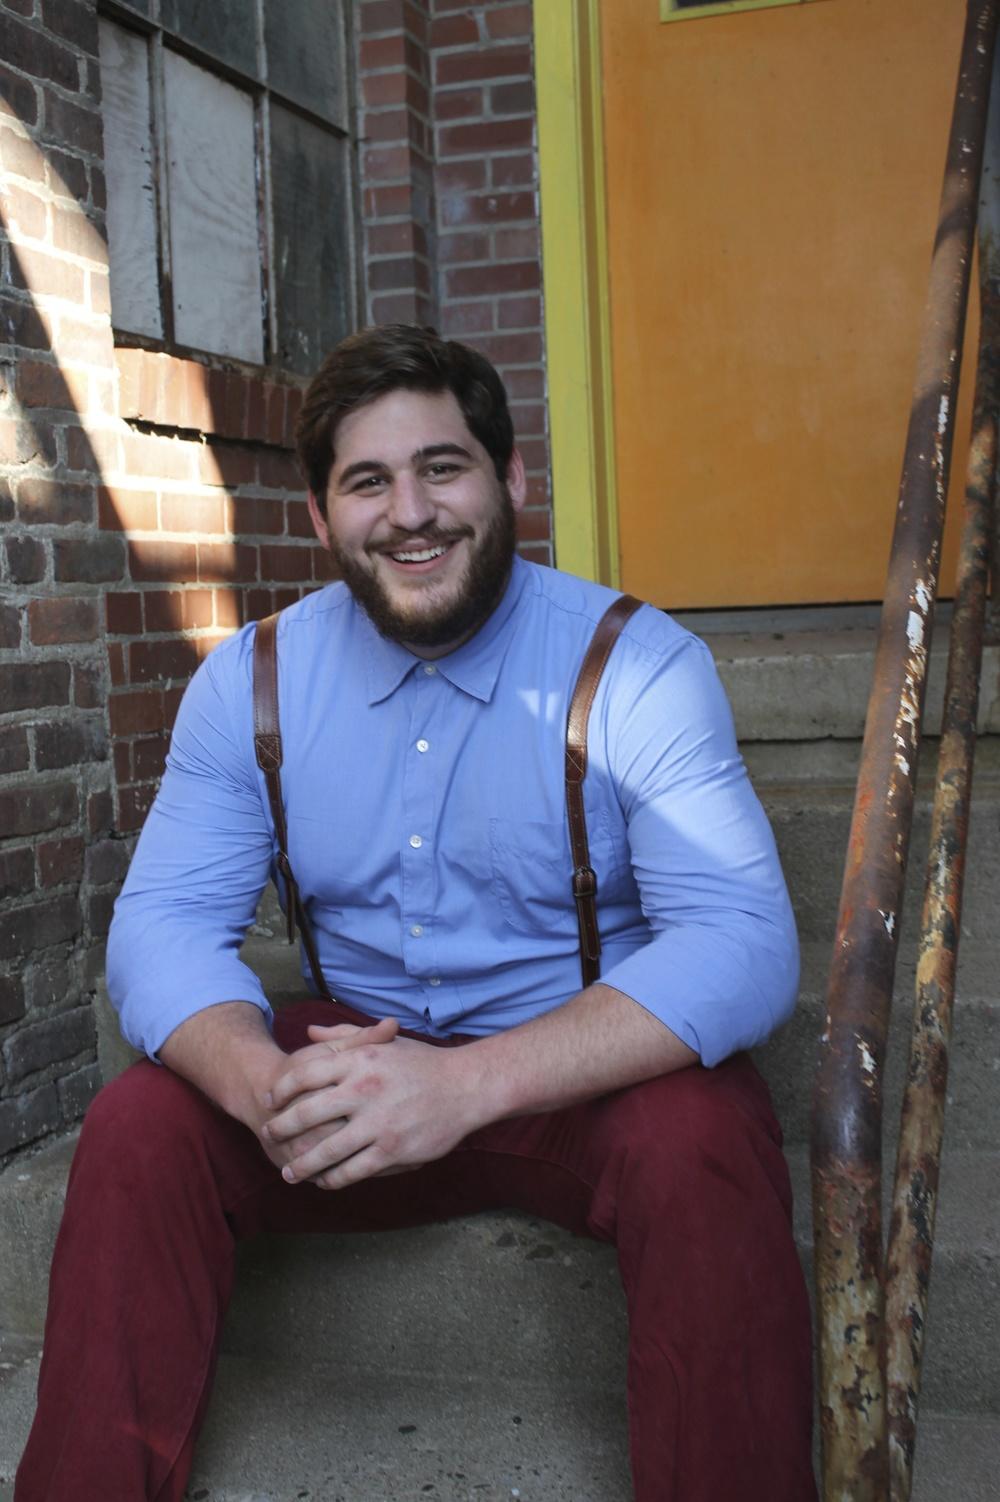 from Harvey fat chubby men gay